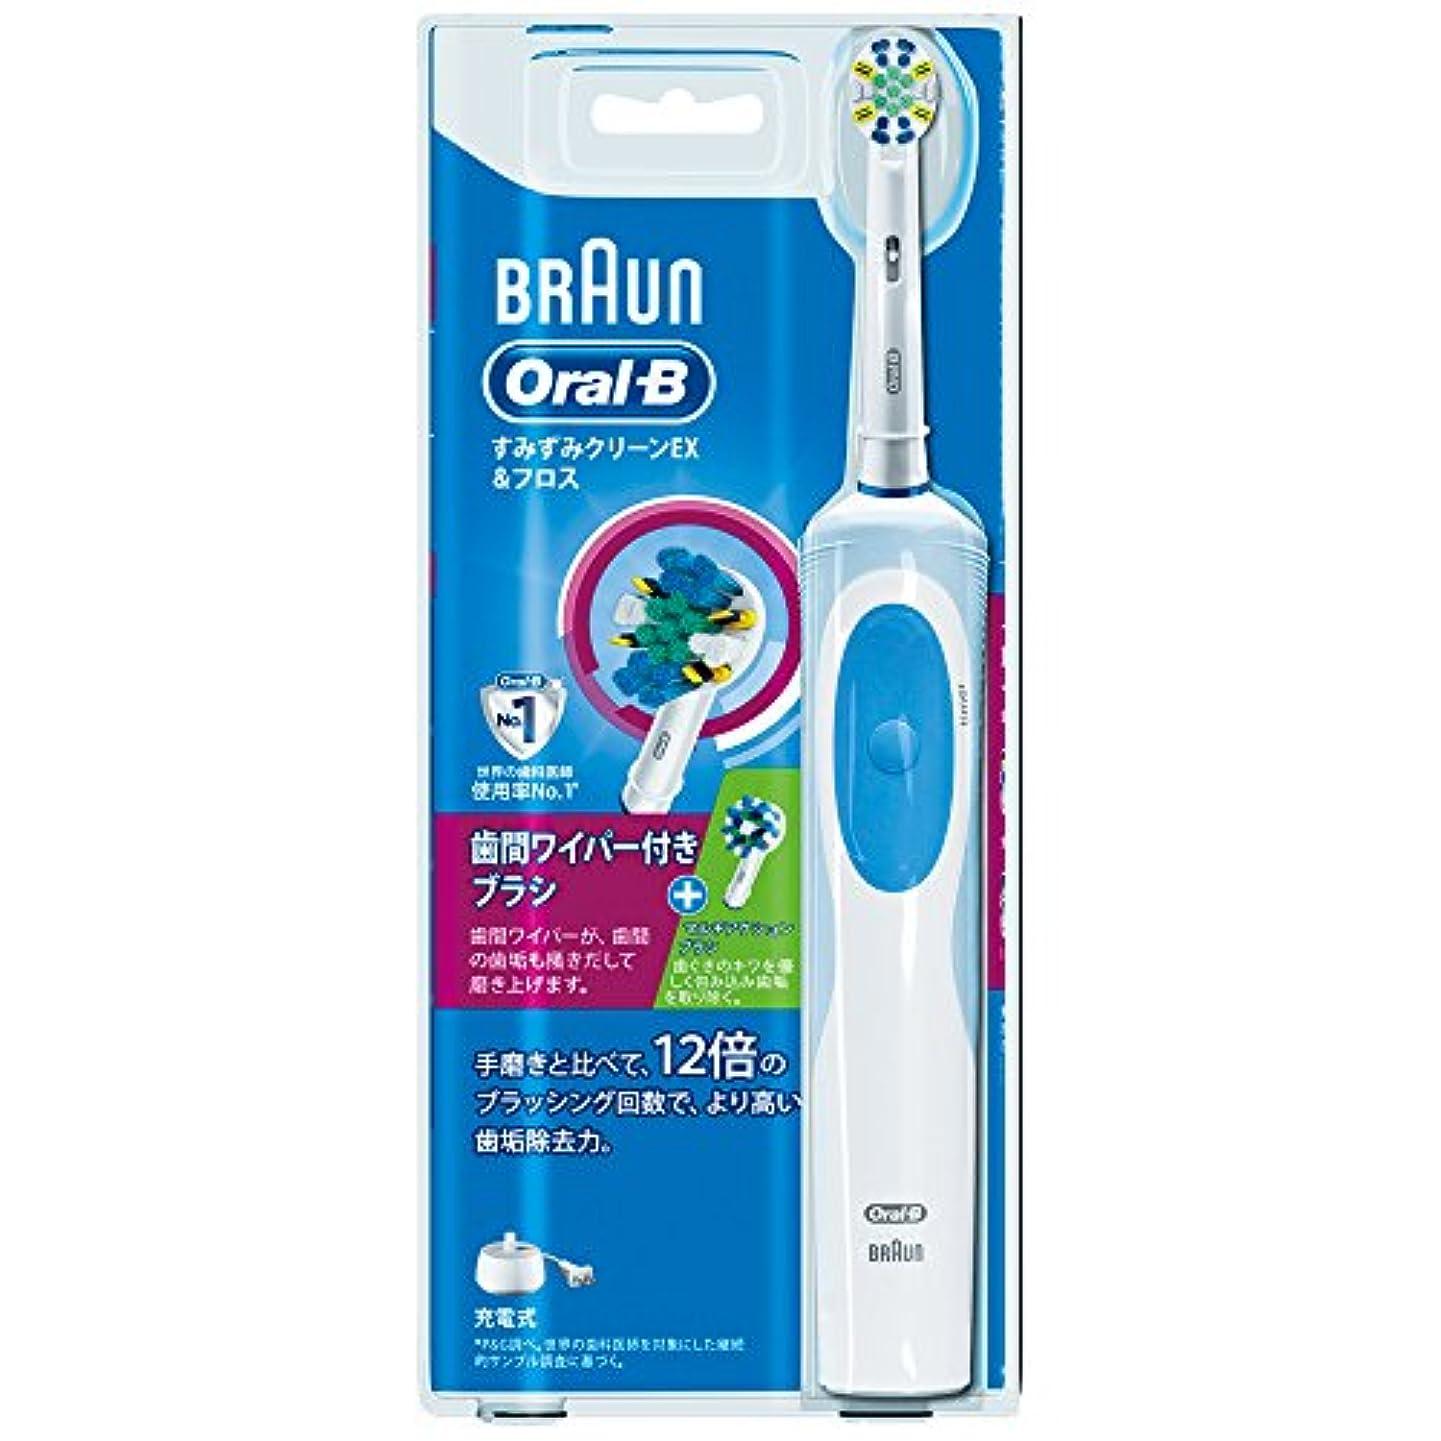 分散付録ビジターブラウン オーラルB 電動歯ブラシ すみずみクリーンEX&フロス (D12023AF)